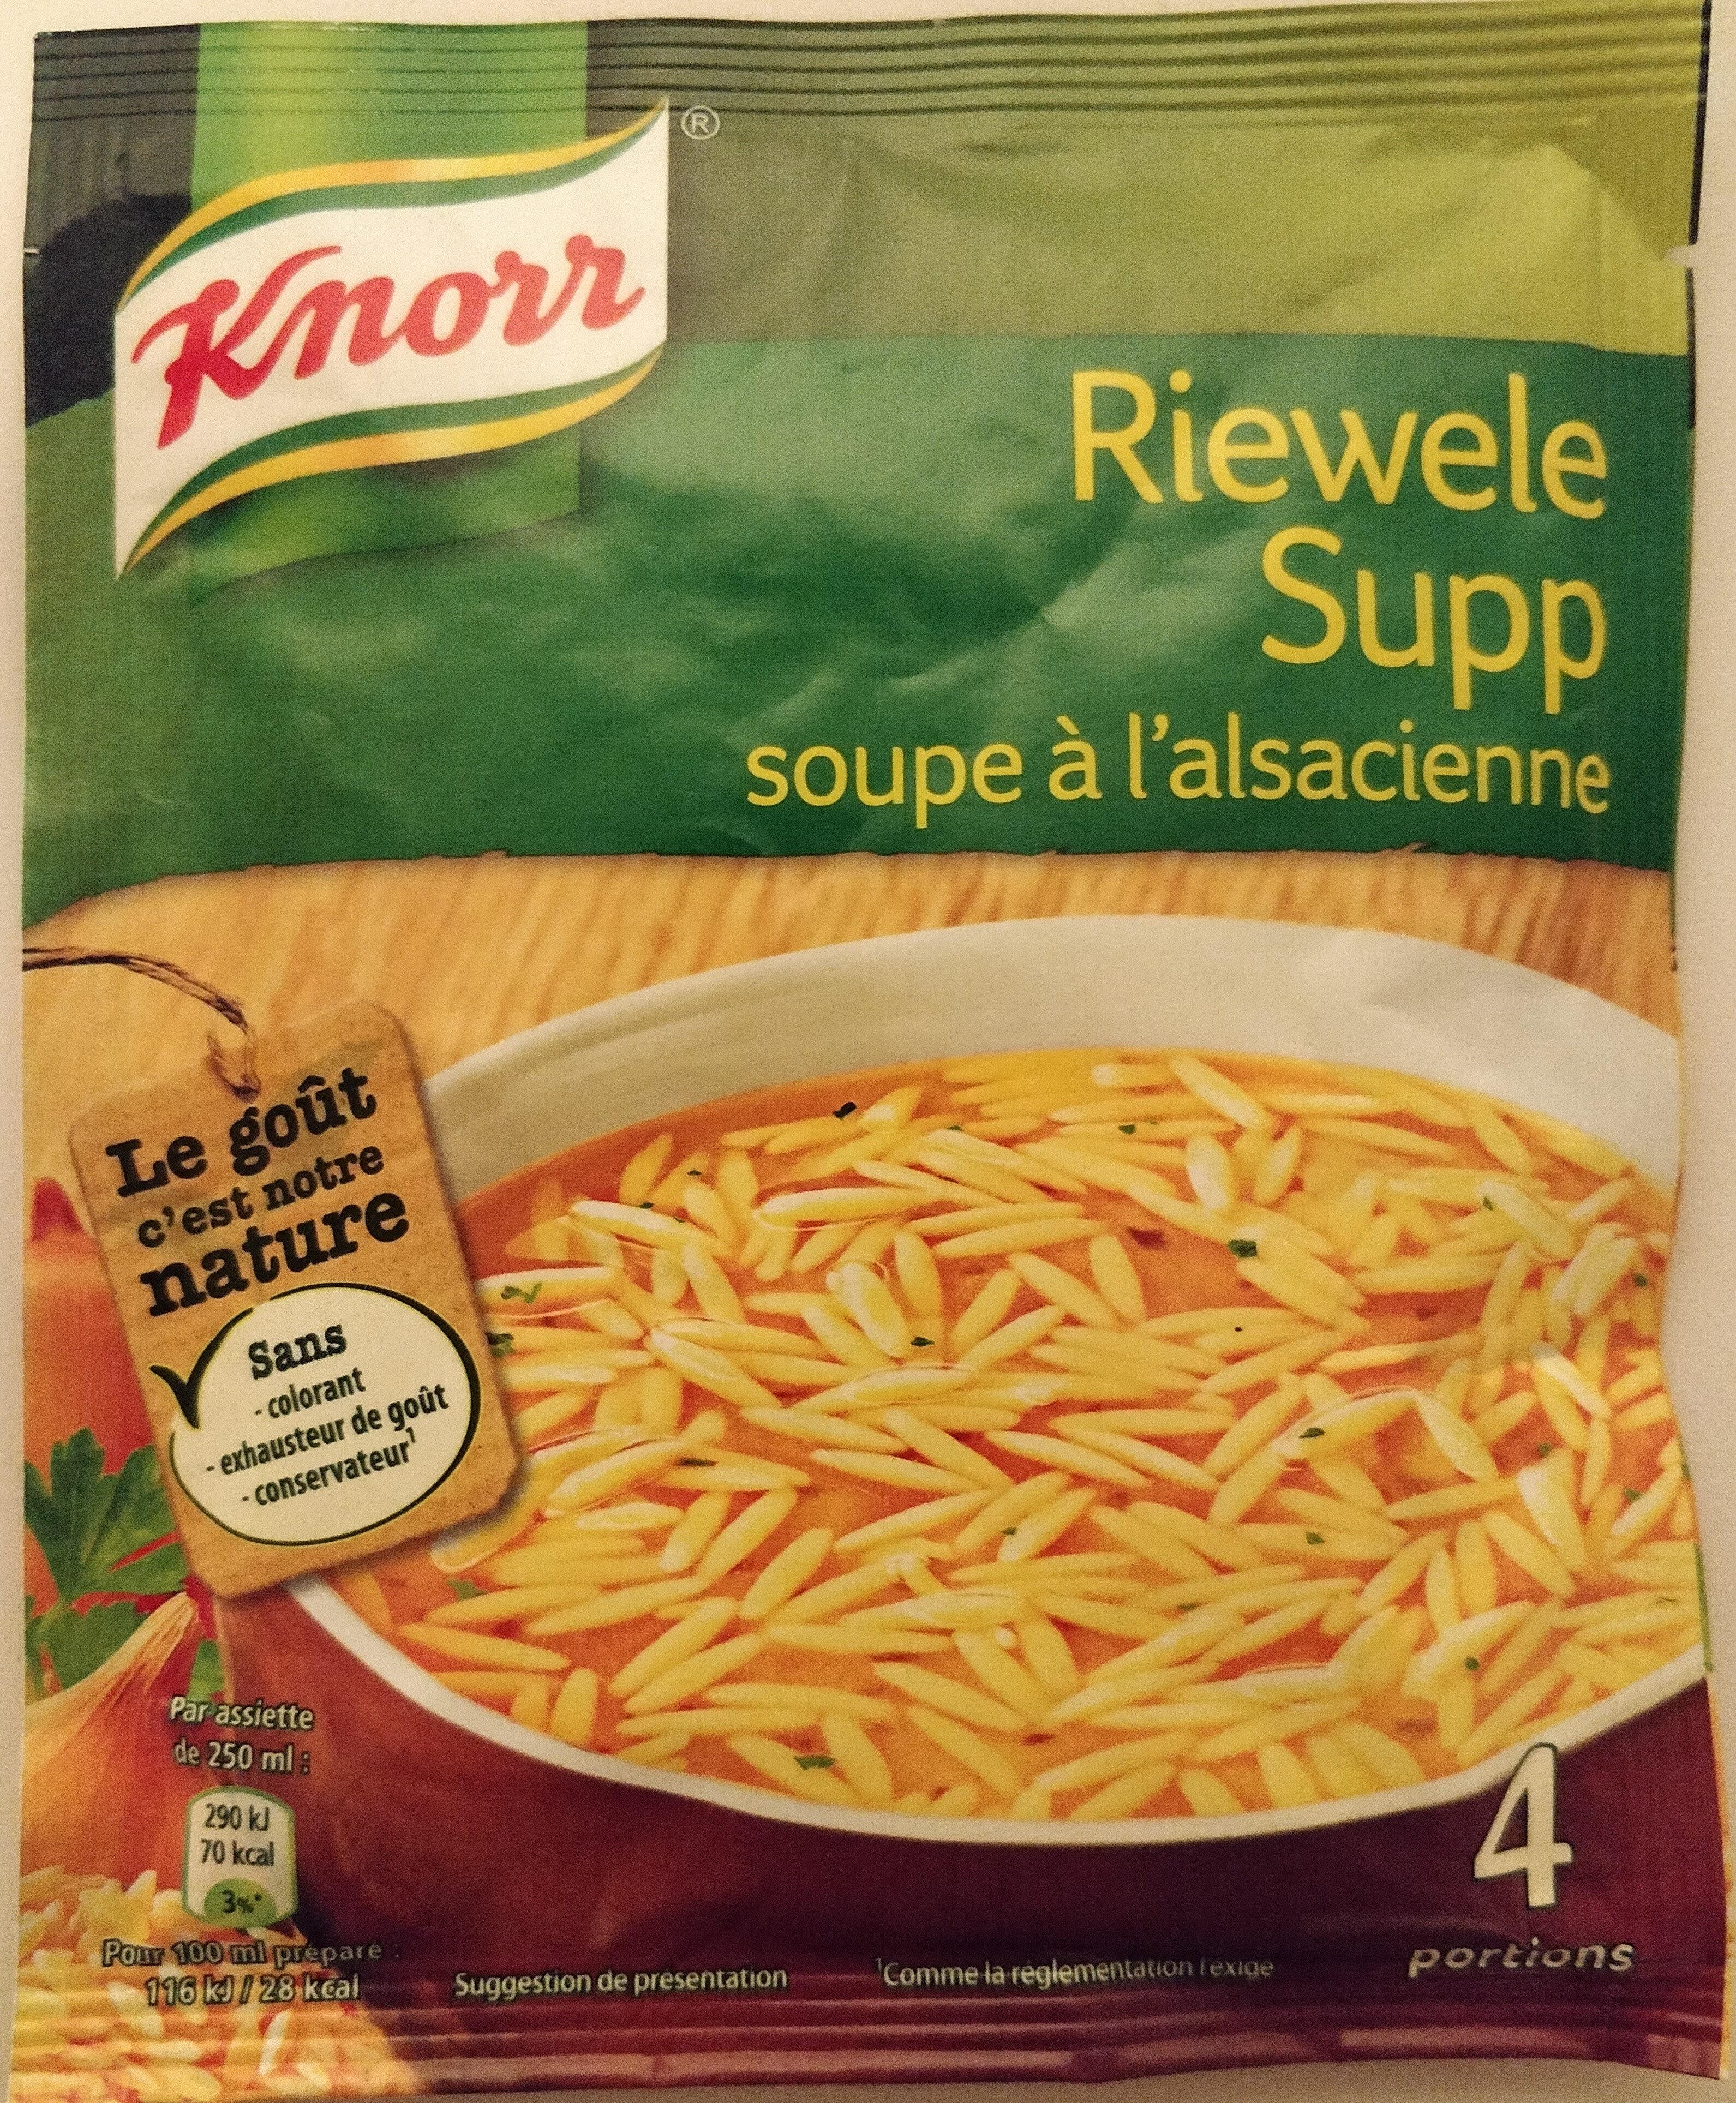 Riewele supp (Soupe à l'alsacienne) - Product